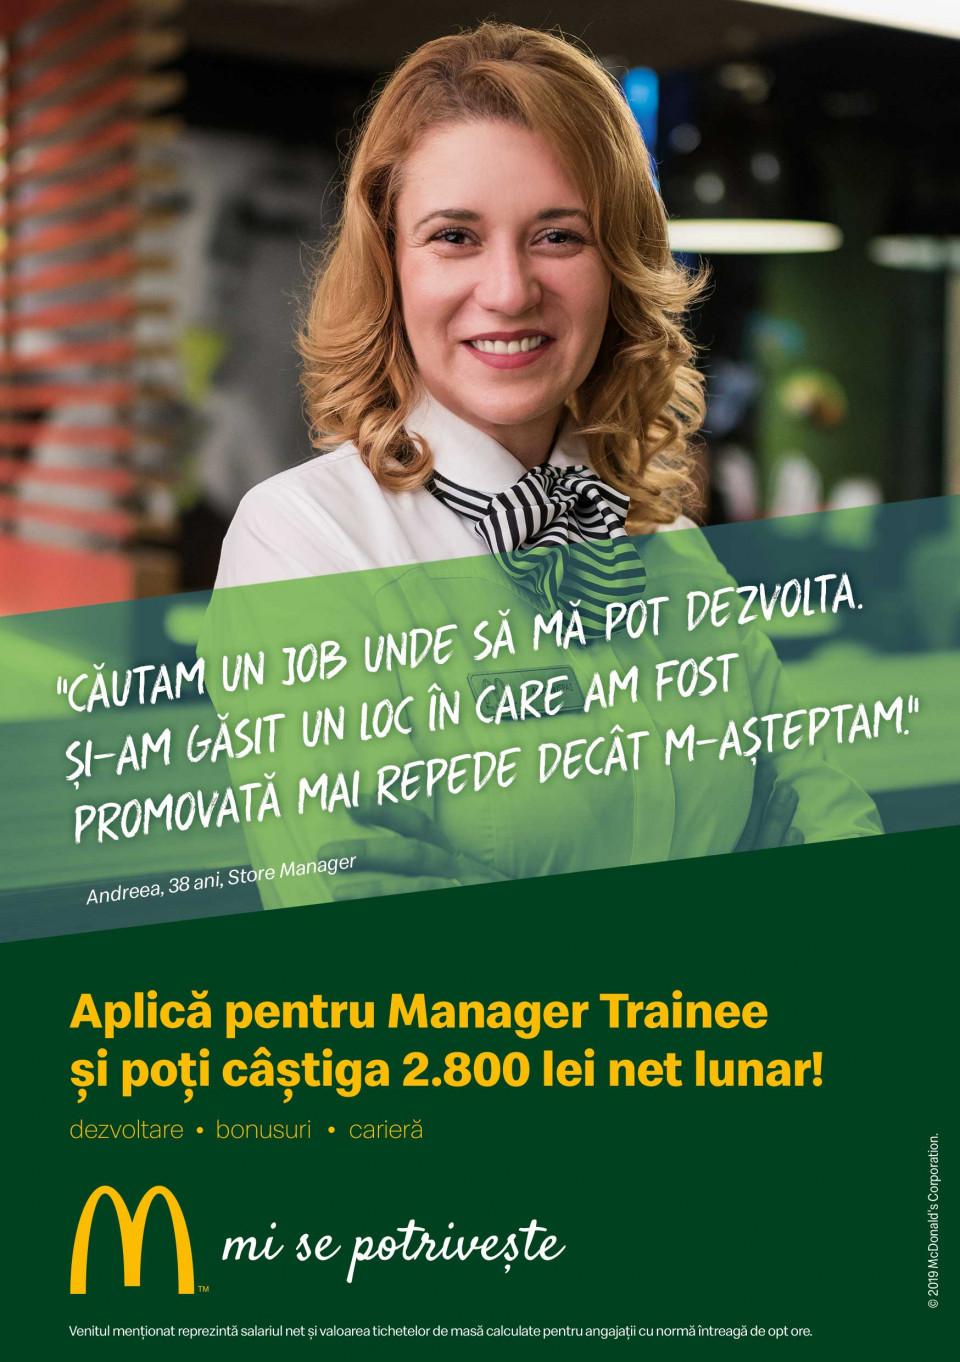 Brasov si Oradea McDonald's în România Manager Trainee - McDonald's TargovisteCei 5.000 de angajați ai McDonald's în România știu ce înseamnă puterea unui zâmbet.  Echipa McDonald's e formată din oameni muncitori, ambițioși, pentru care interacțiunea cu alți oameni este o bucurie. În fiecare zi, angajații McDonald's întâmpină peste 210.000 de clienți. Ne dorim să aducem în echipa noastră colegi dornici să învețe și să crească în cadrul unei echipe puternice și ambițioase.  McDonald's a deschis primul restaurant în România pe 16 iunie 1995, în Unirea Shopping Center din București. A fost primul pas în construirea unei povești de succes, care se dezvoltă în fiecare an.  În 2016, McDonald's în România a devenit Premier Restaurants România, ca urmare a parteneriatului pentru dezvoltare încheiat cu Premier Capital, compania malteză care coordonează operațiunile McDonald's din șase țări europene: Estonia, Grecia, Letonia, Lituania, Malta și România.  Astăzi, McDonald's are 78 de restaurante în 23 de orașe din România și este liderul pieței de restaurante cu servire rapidă. În același timp, lanțul McCafé, are în prezent 33 de cafenele în România și crește de la an la an.http://mcdonalds.ro  Brasov si Oradea